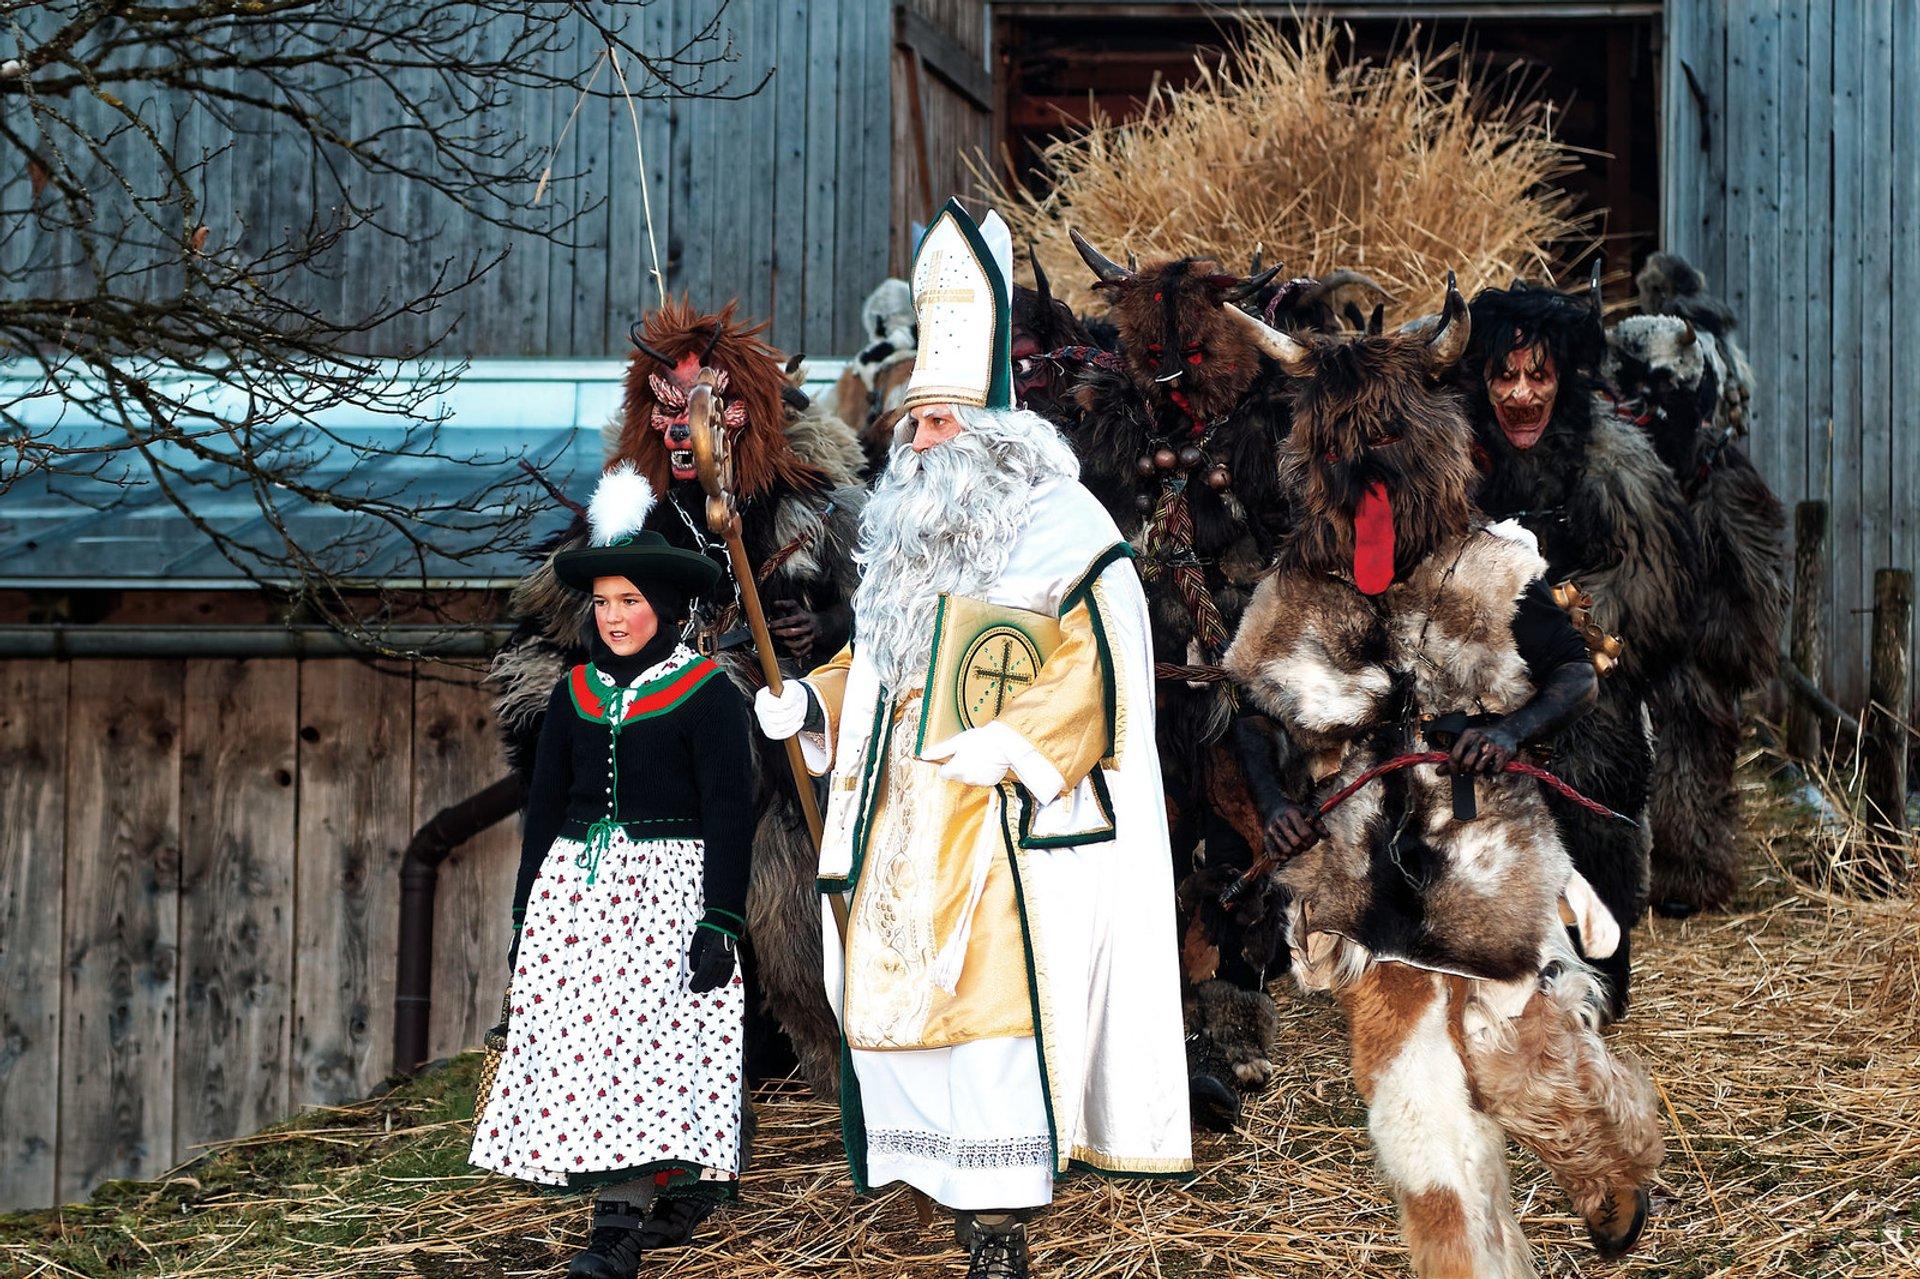 Krampus Nacht and Krampus Run in Bavaria - Best Season 2020